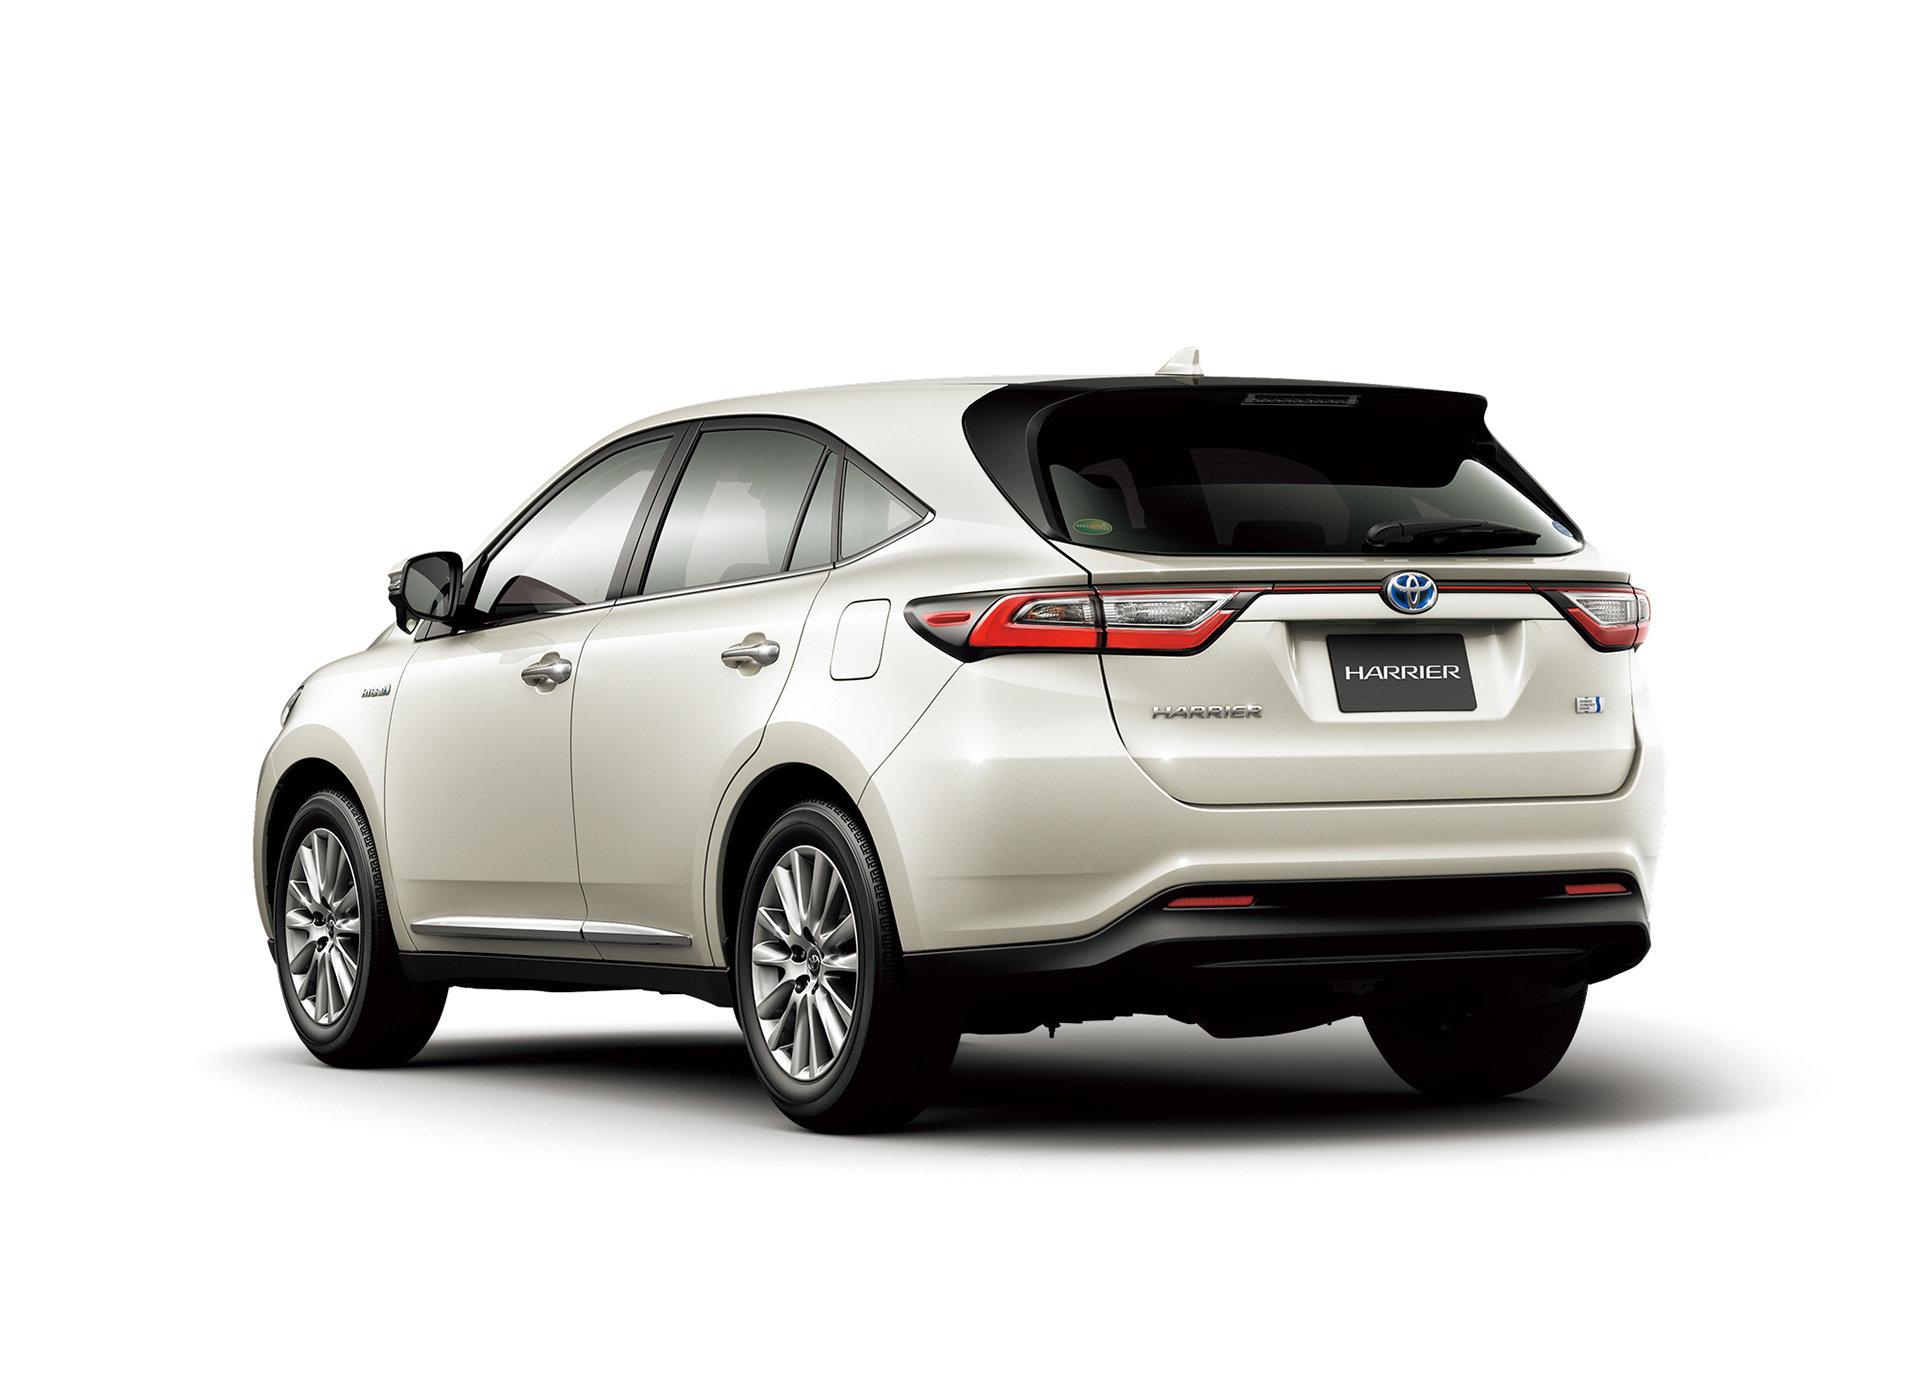 Toyota Hybrid Synergy Drive | Toyota Australia